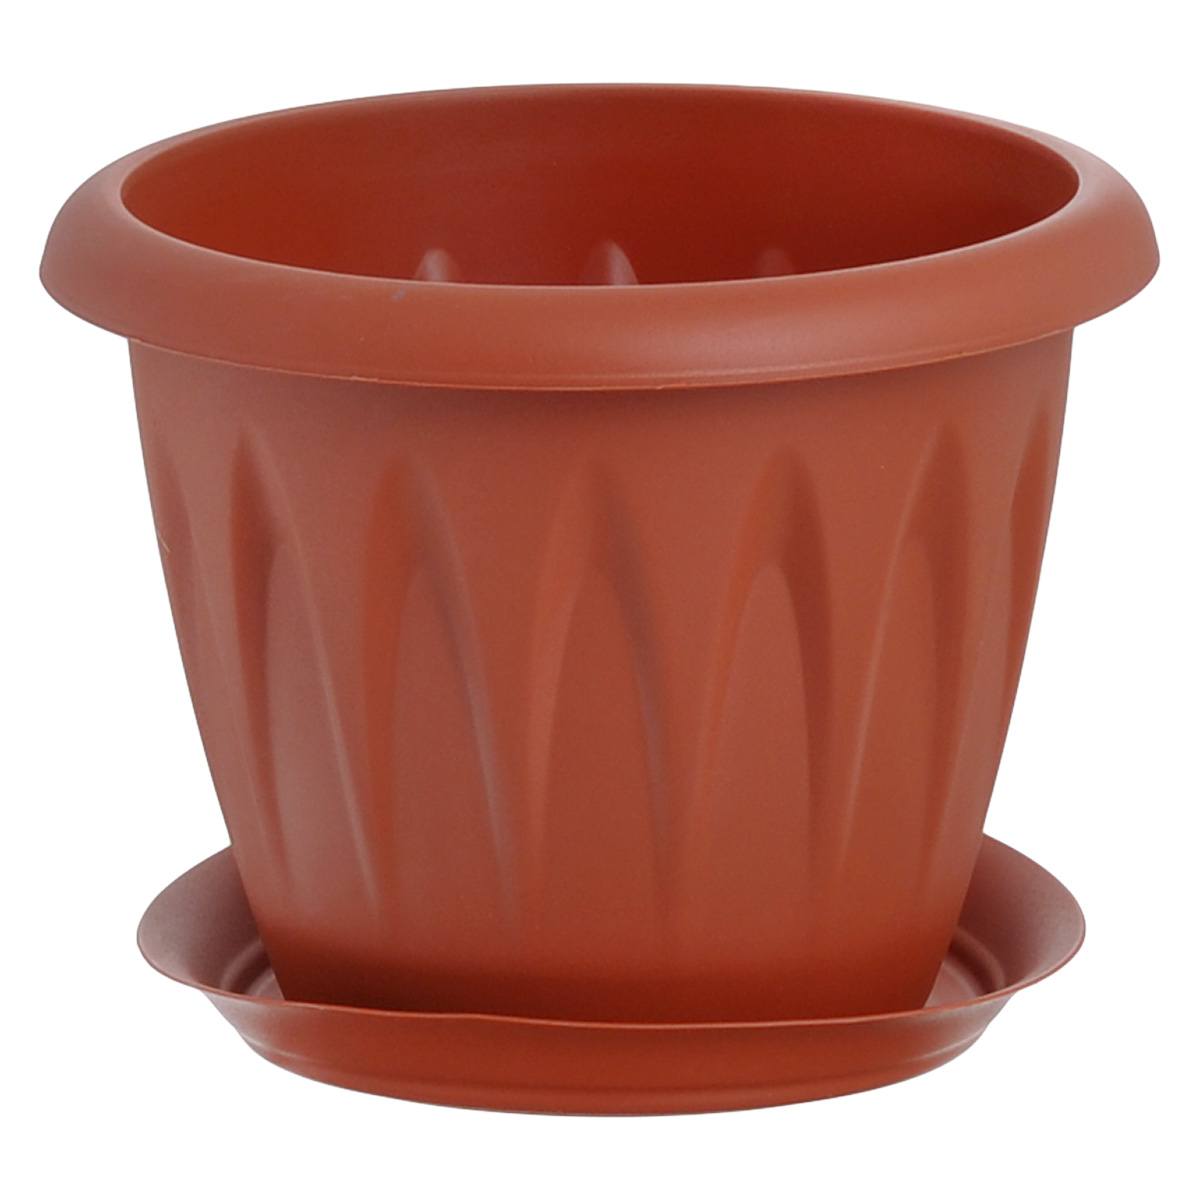 Кашпо Idea Алиция, с поддоном, 1 лМ 3064Кашпо Idea Алиция изготовлено из прочного полипропилена (пластика) и предназначено для выращивания растений, цветов и трав в домашних условиях. Круглый поддон обеспечивает сток воды. Такое кашпо порадует вас функциональностью, а благодаря лаконичному дизайну впишется в любой интерьер помещения. Диаметр кашпо по верхнему краю: 14 см. Высота кашпо: 11 см. Диаметр поддона: 12 см. Объем кашпо: 1 л.